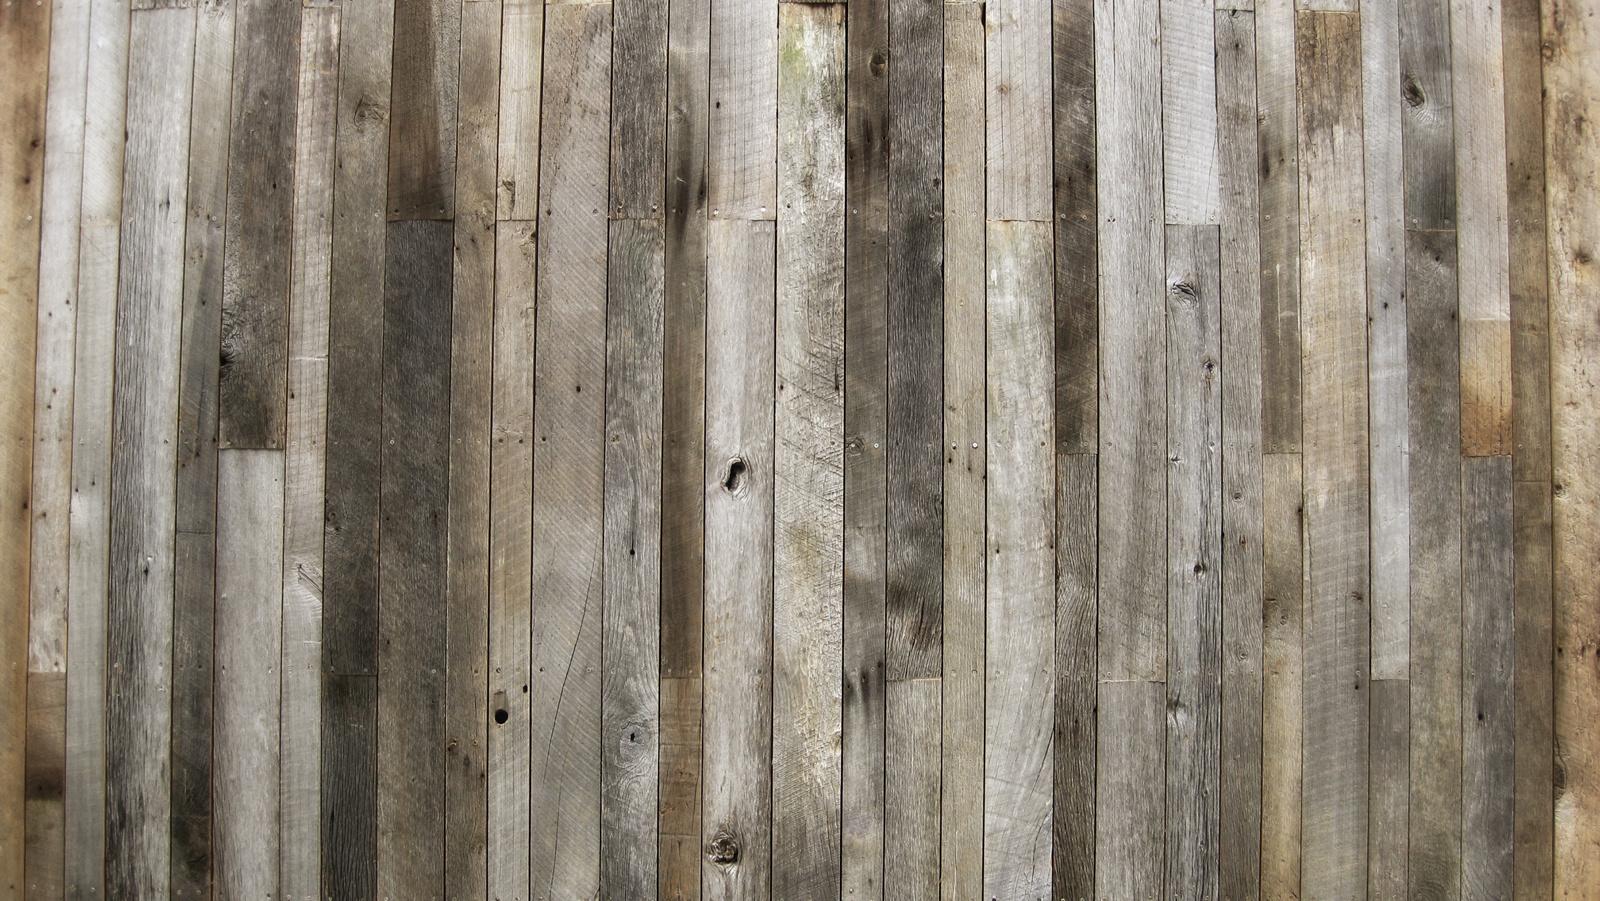 Wood Swing Sets >> Sheds and Outdoor Storage Buildings | ShedsNashville.com